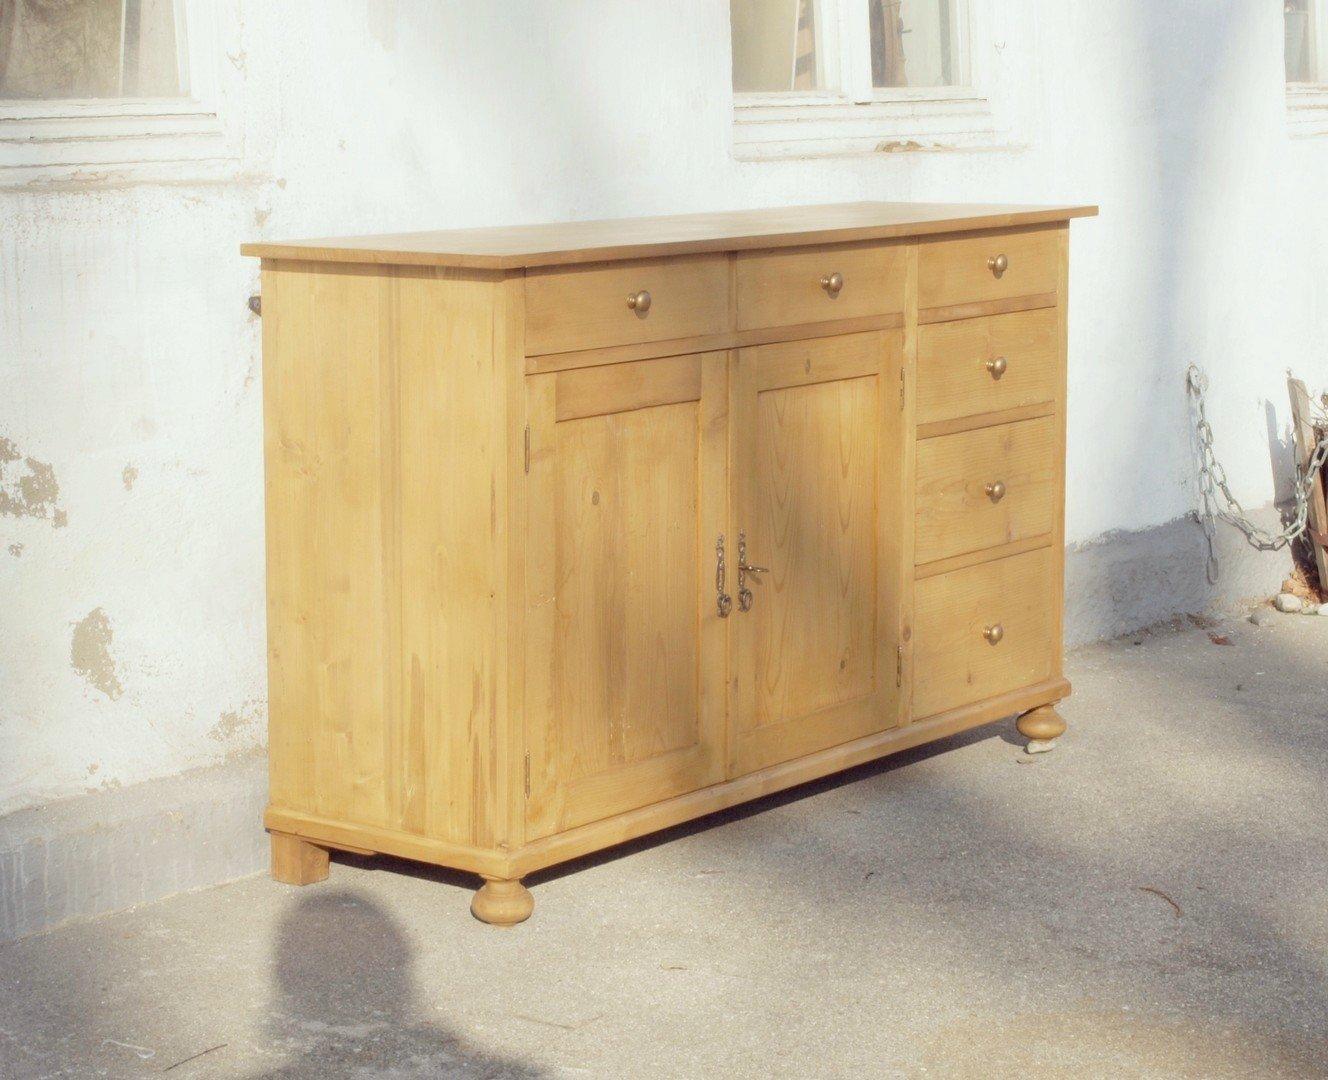 a161s 161cm lange anrichte kommode bauernkommode weichholz. Black Bedroom Furniture Sets. Home Design Ideas